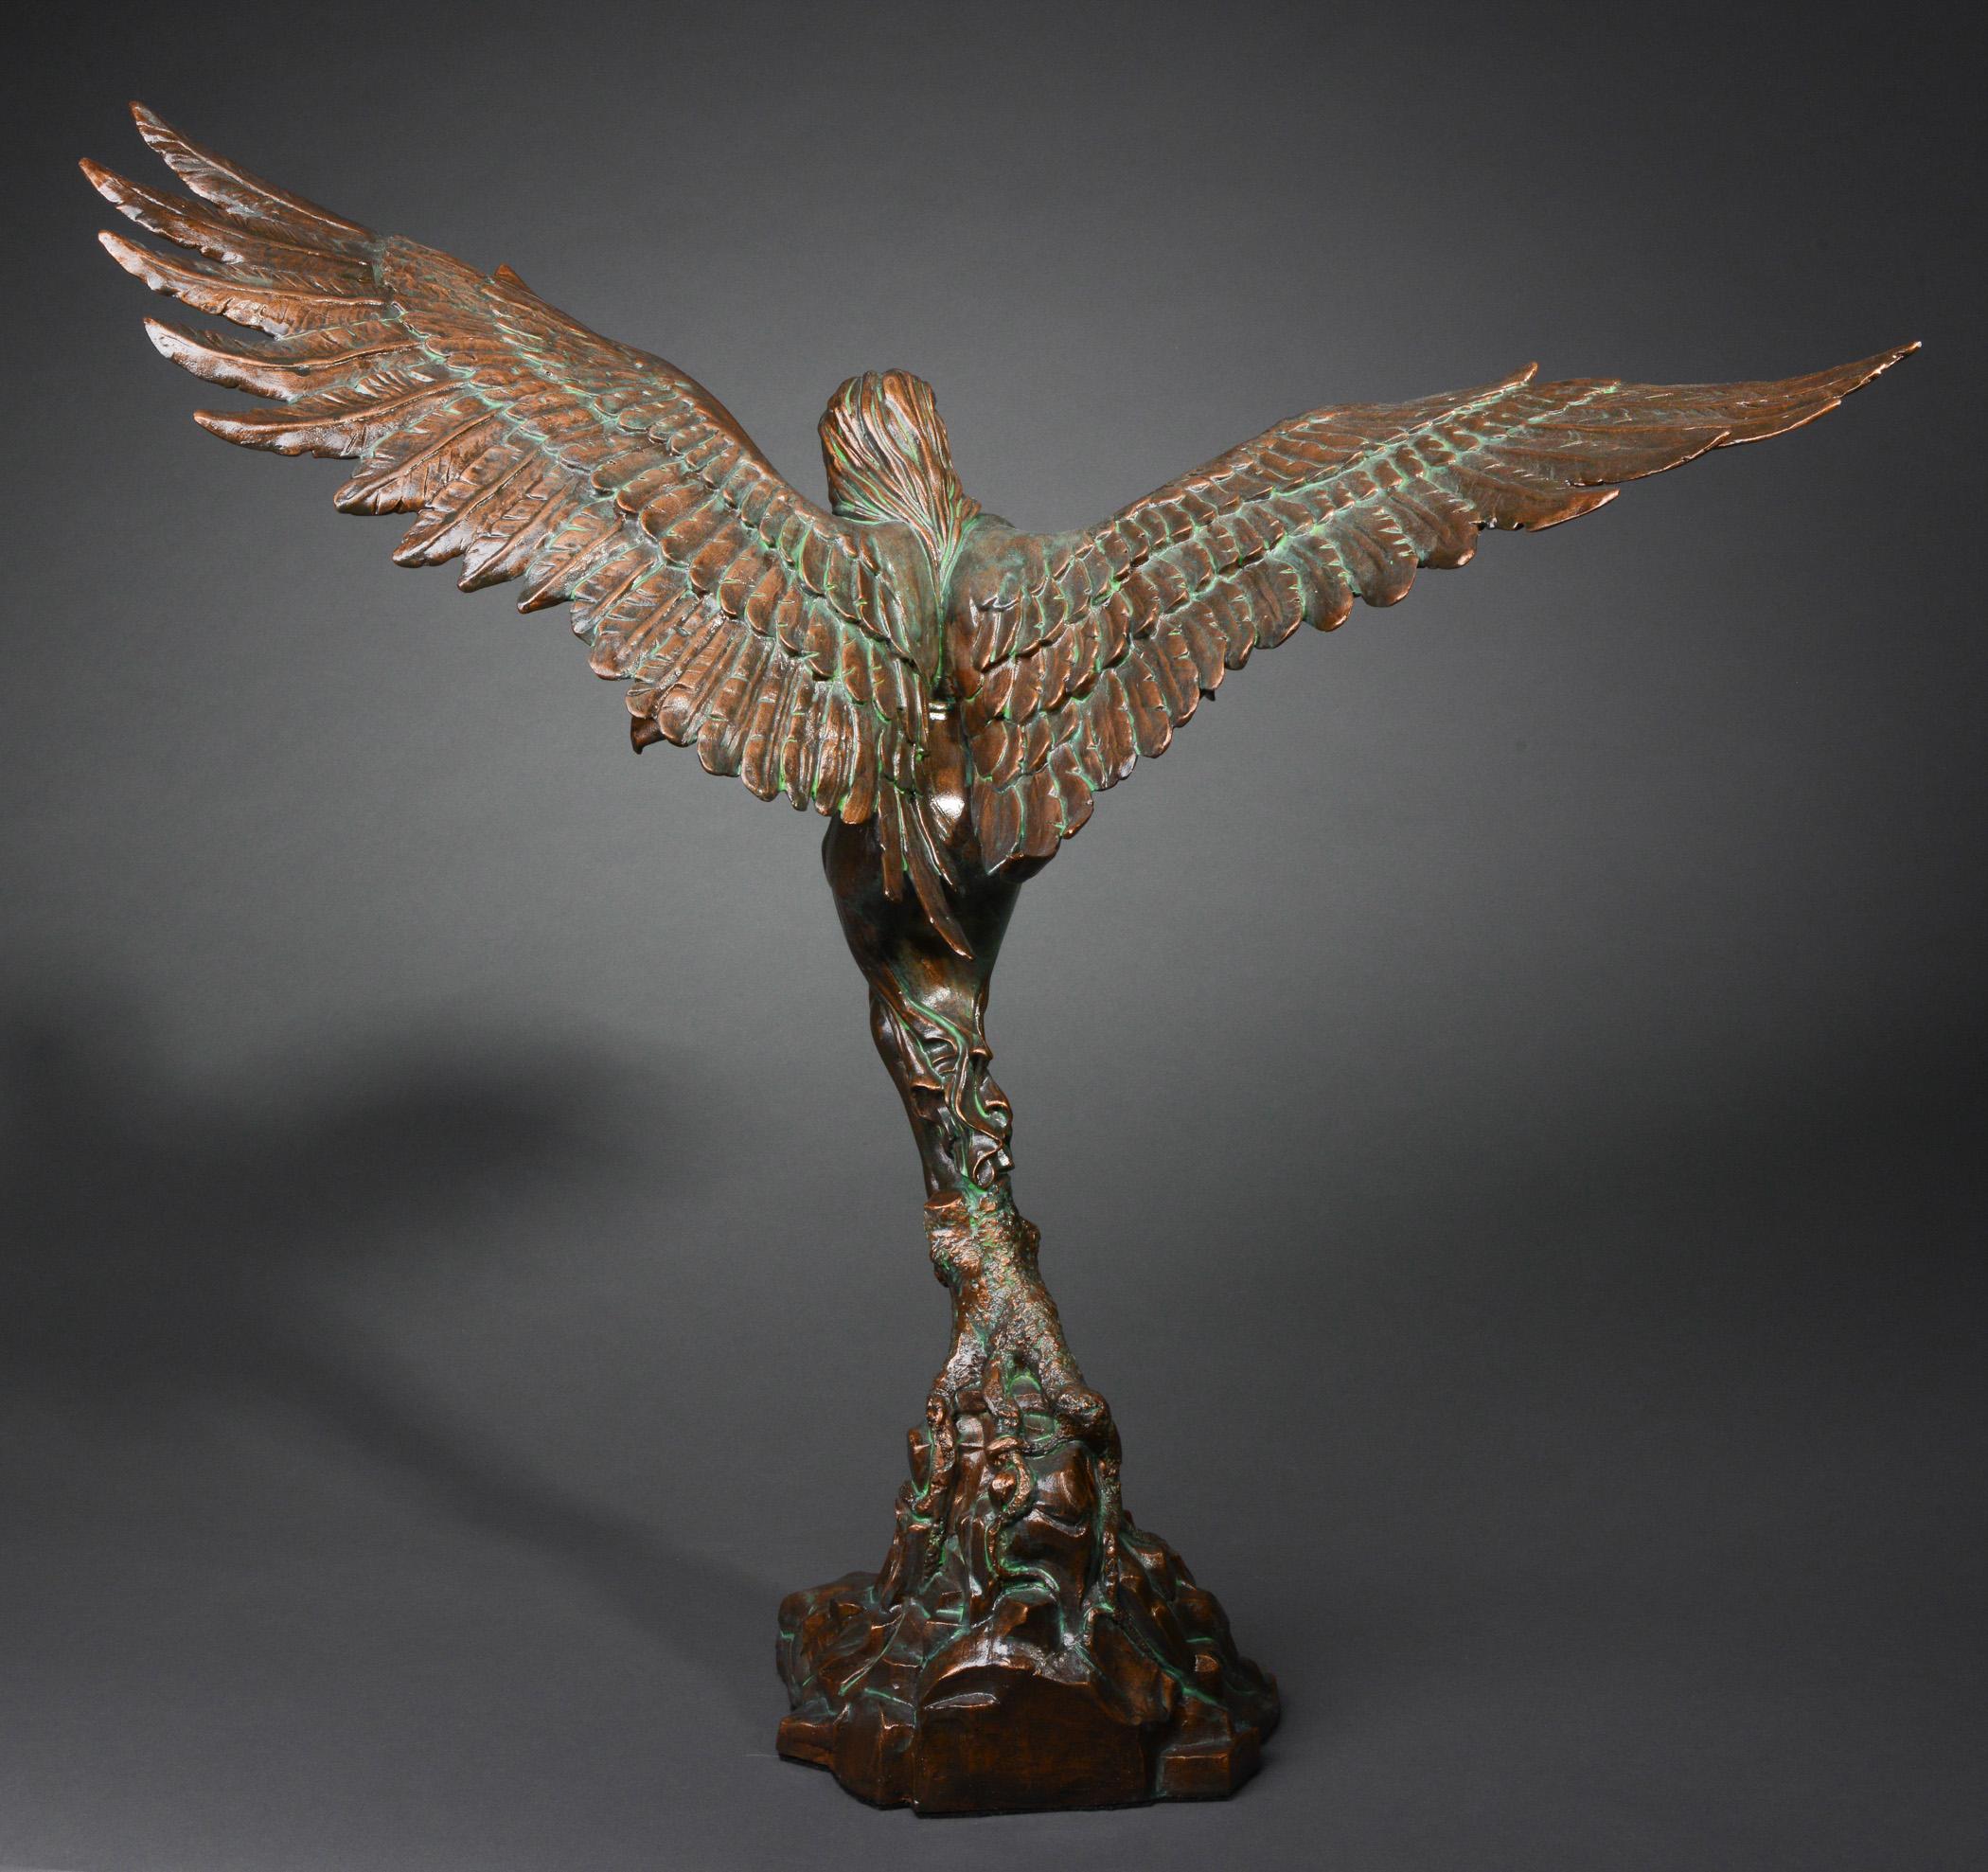 Victory Wings